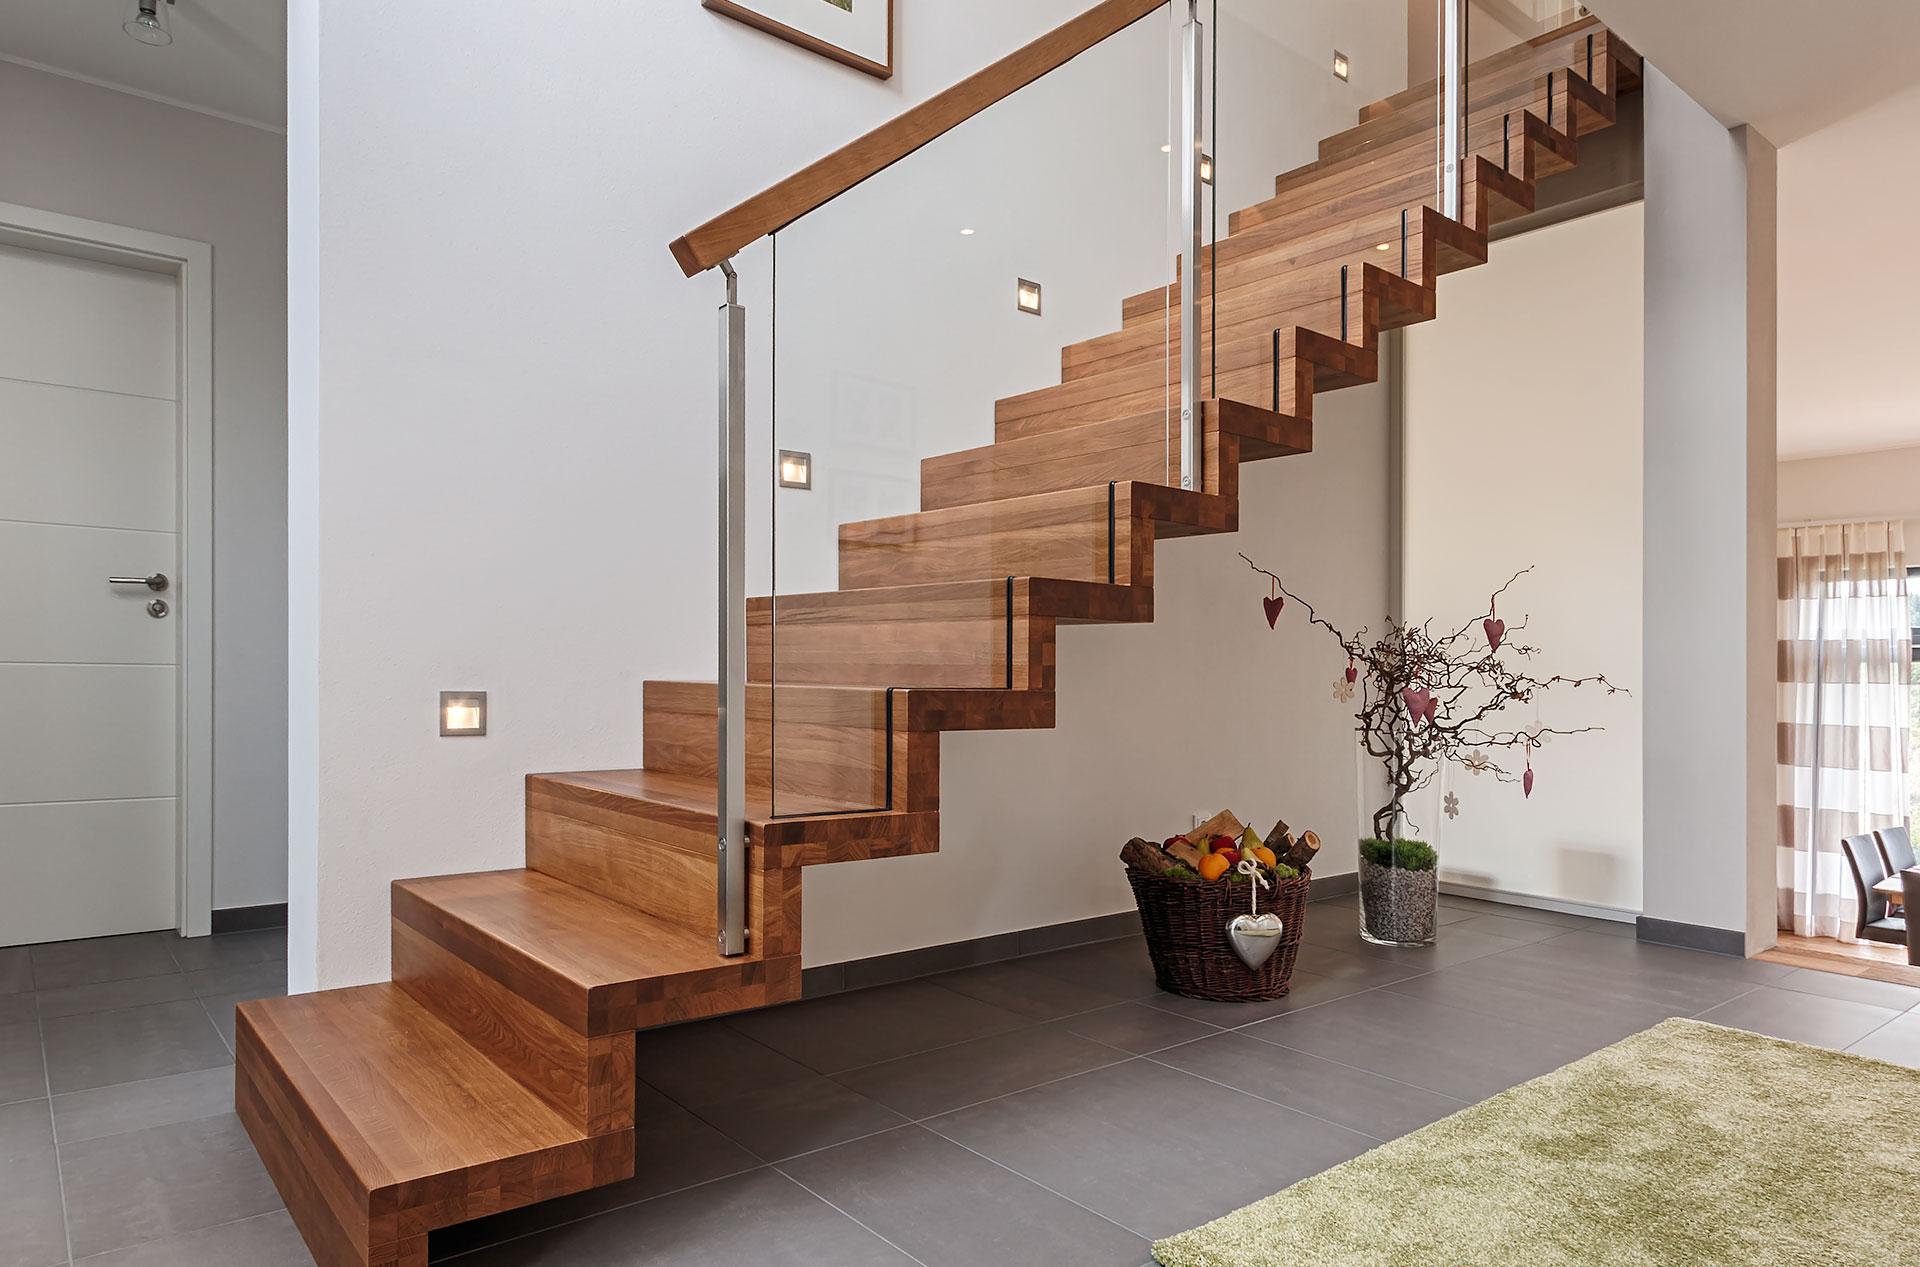 Architekt marco pieper individuelle architektur die for Einfamilienhaus innenansicht